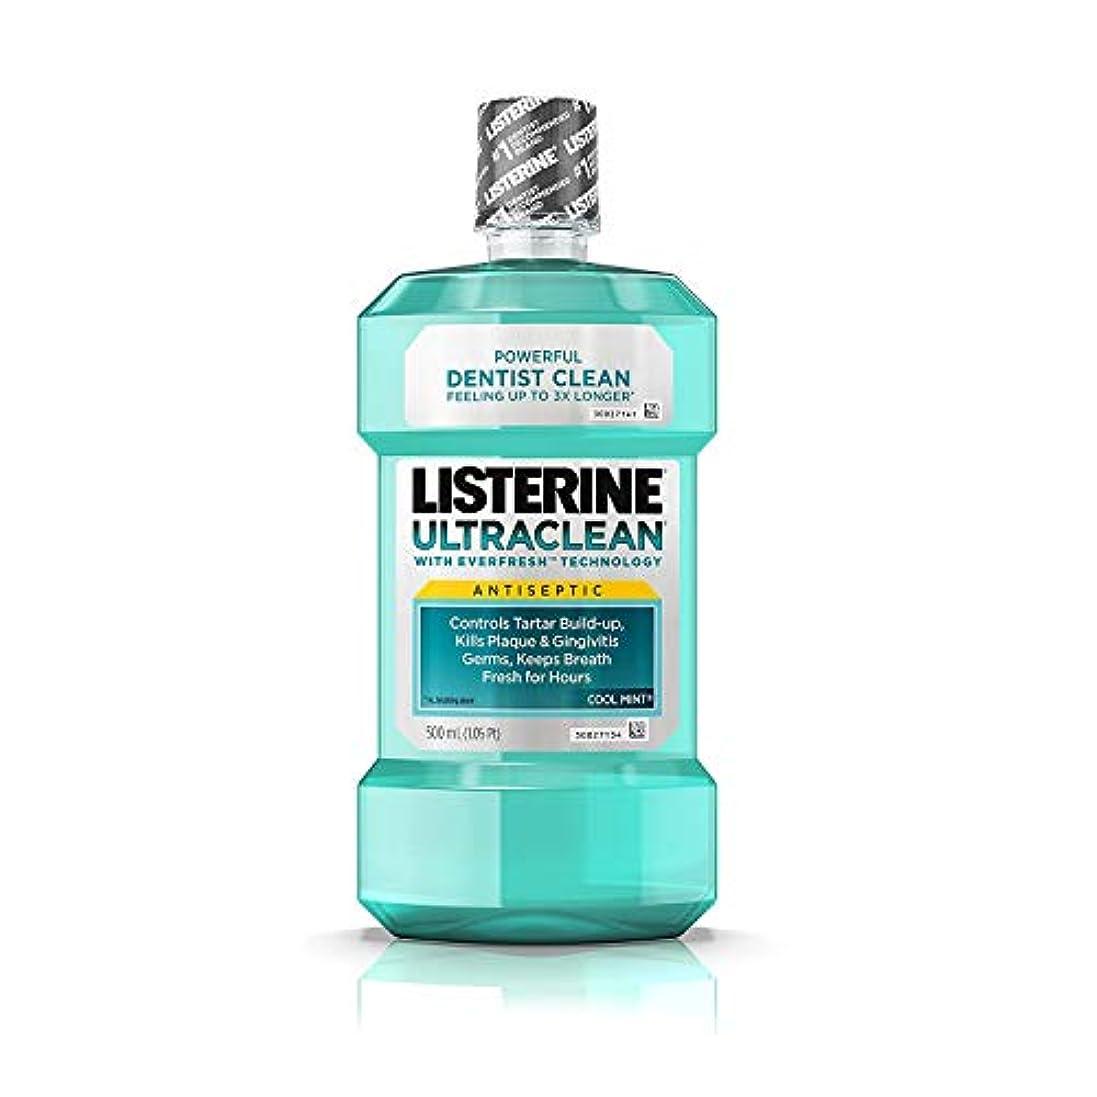 マディソン不合格司書Listerine ウルトラクリーン消毒クールミント - 16.9オンス、3パック